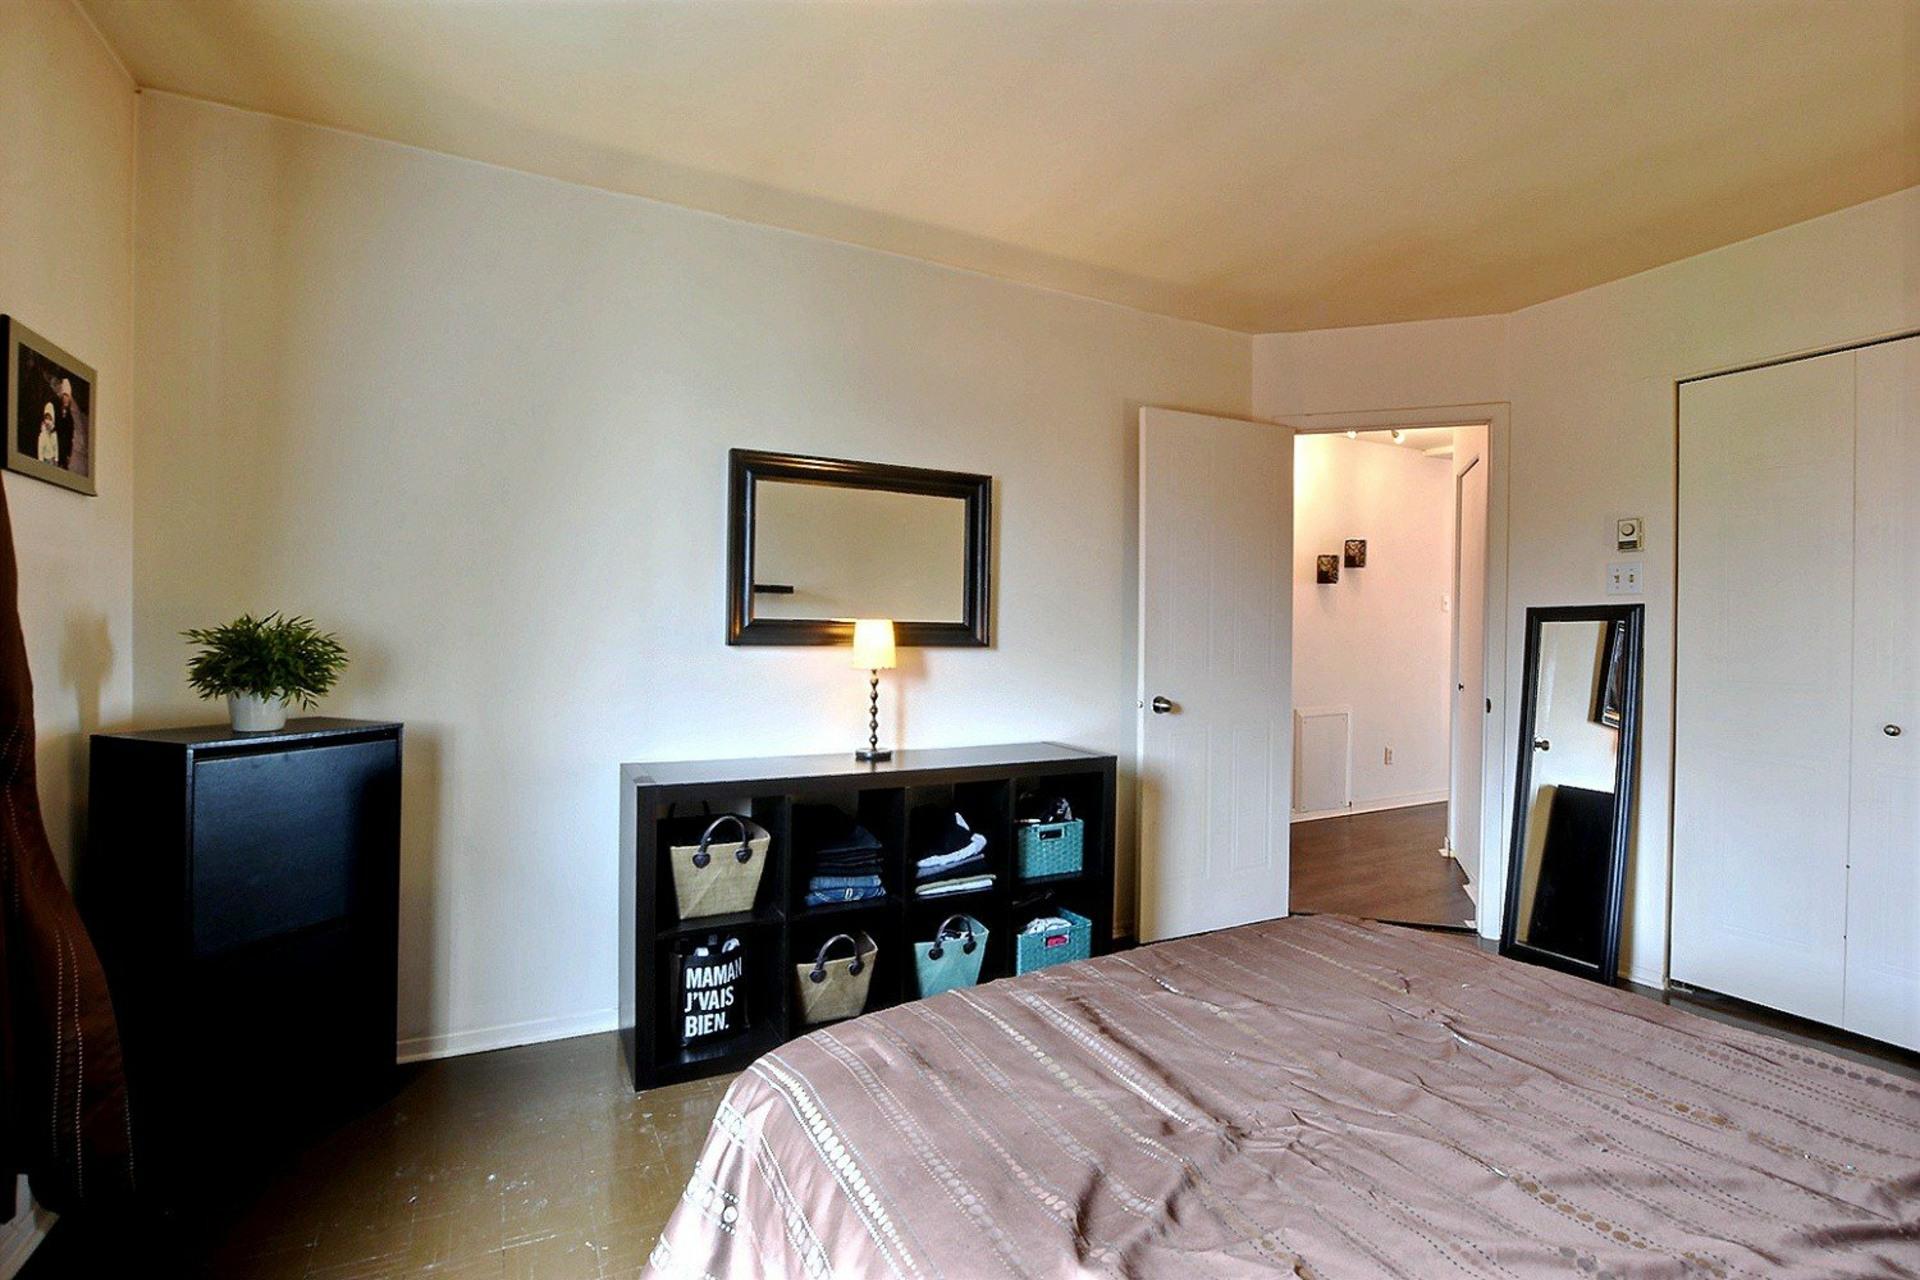 image 15 - Appartement À vendre Montréal Le Plateau-Mont-Royal  - 5 pièces